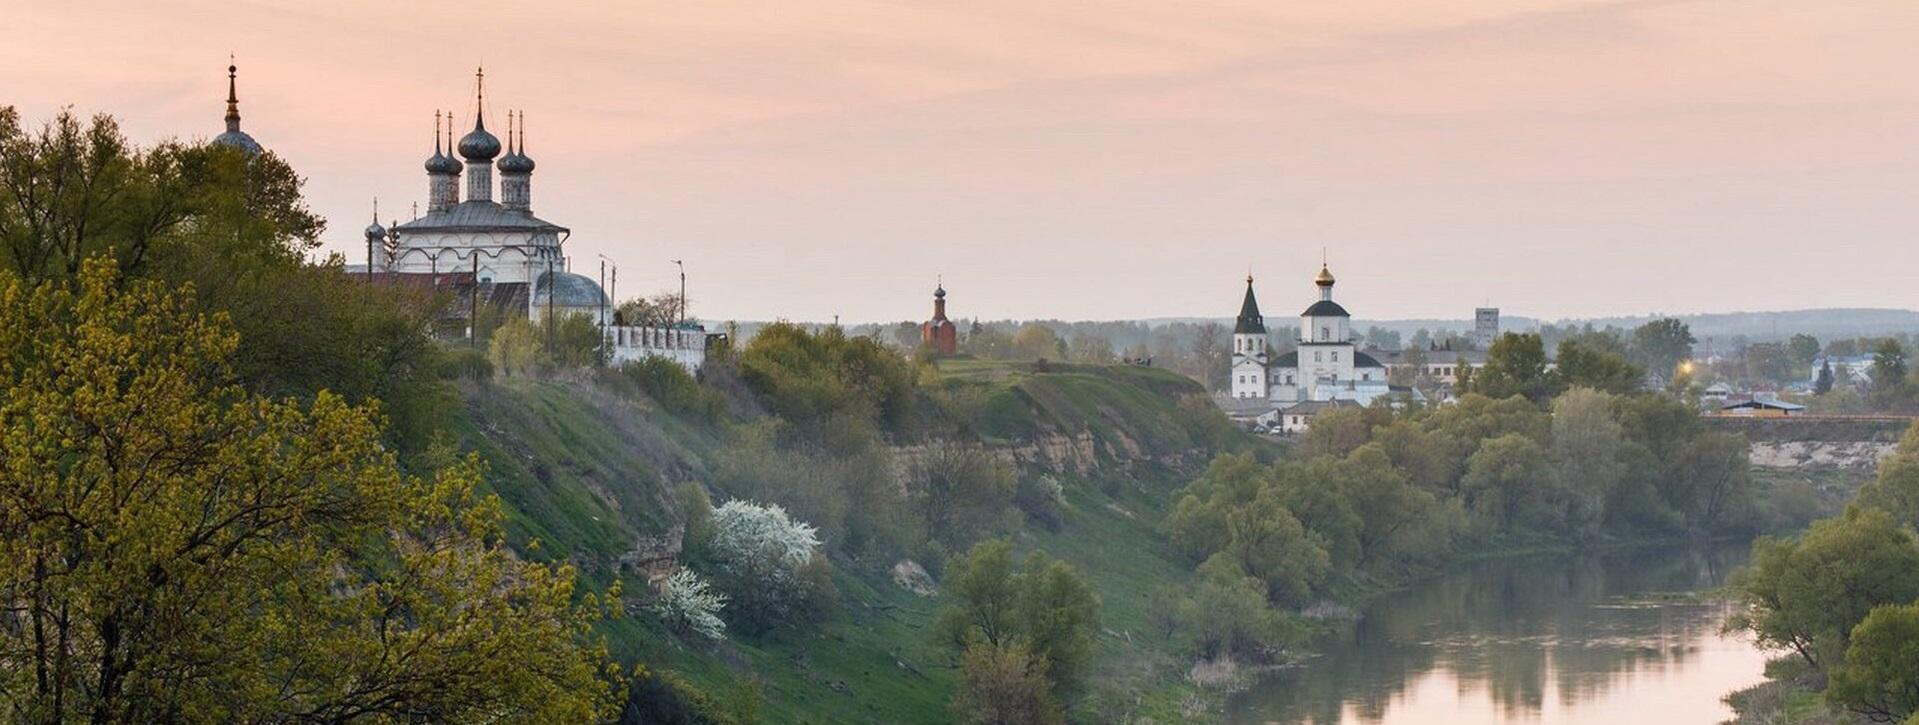 Грузоперевозки из Москвы в Орловскую область